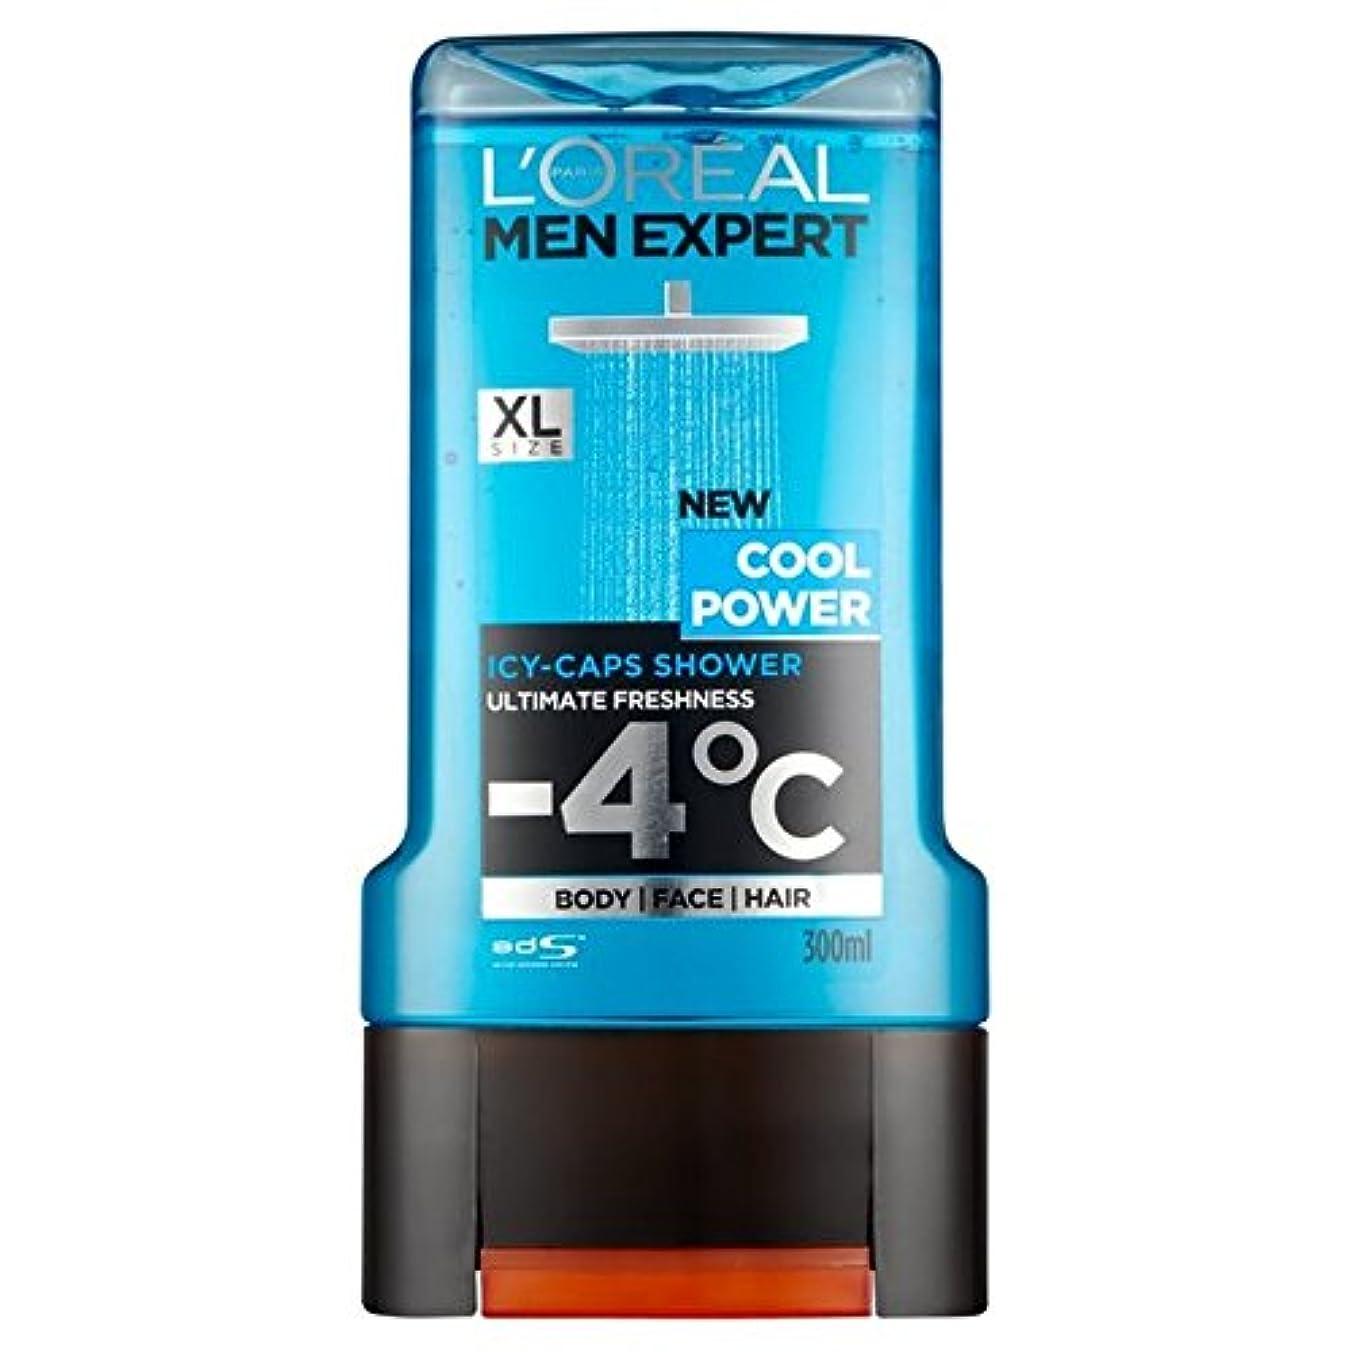 一時解雇する薬局毛細血管ロレアルパリの男性の専門家のクールなパワーシャワージェル300ミリリットル x2 - L'Oreal Paris Men Expert Cool Power Shower Gel 300ml (Pack of 2) [並行輸入品]